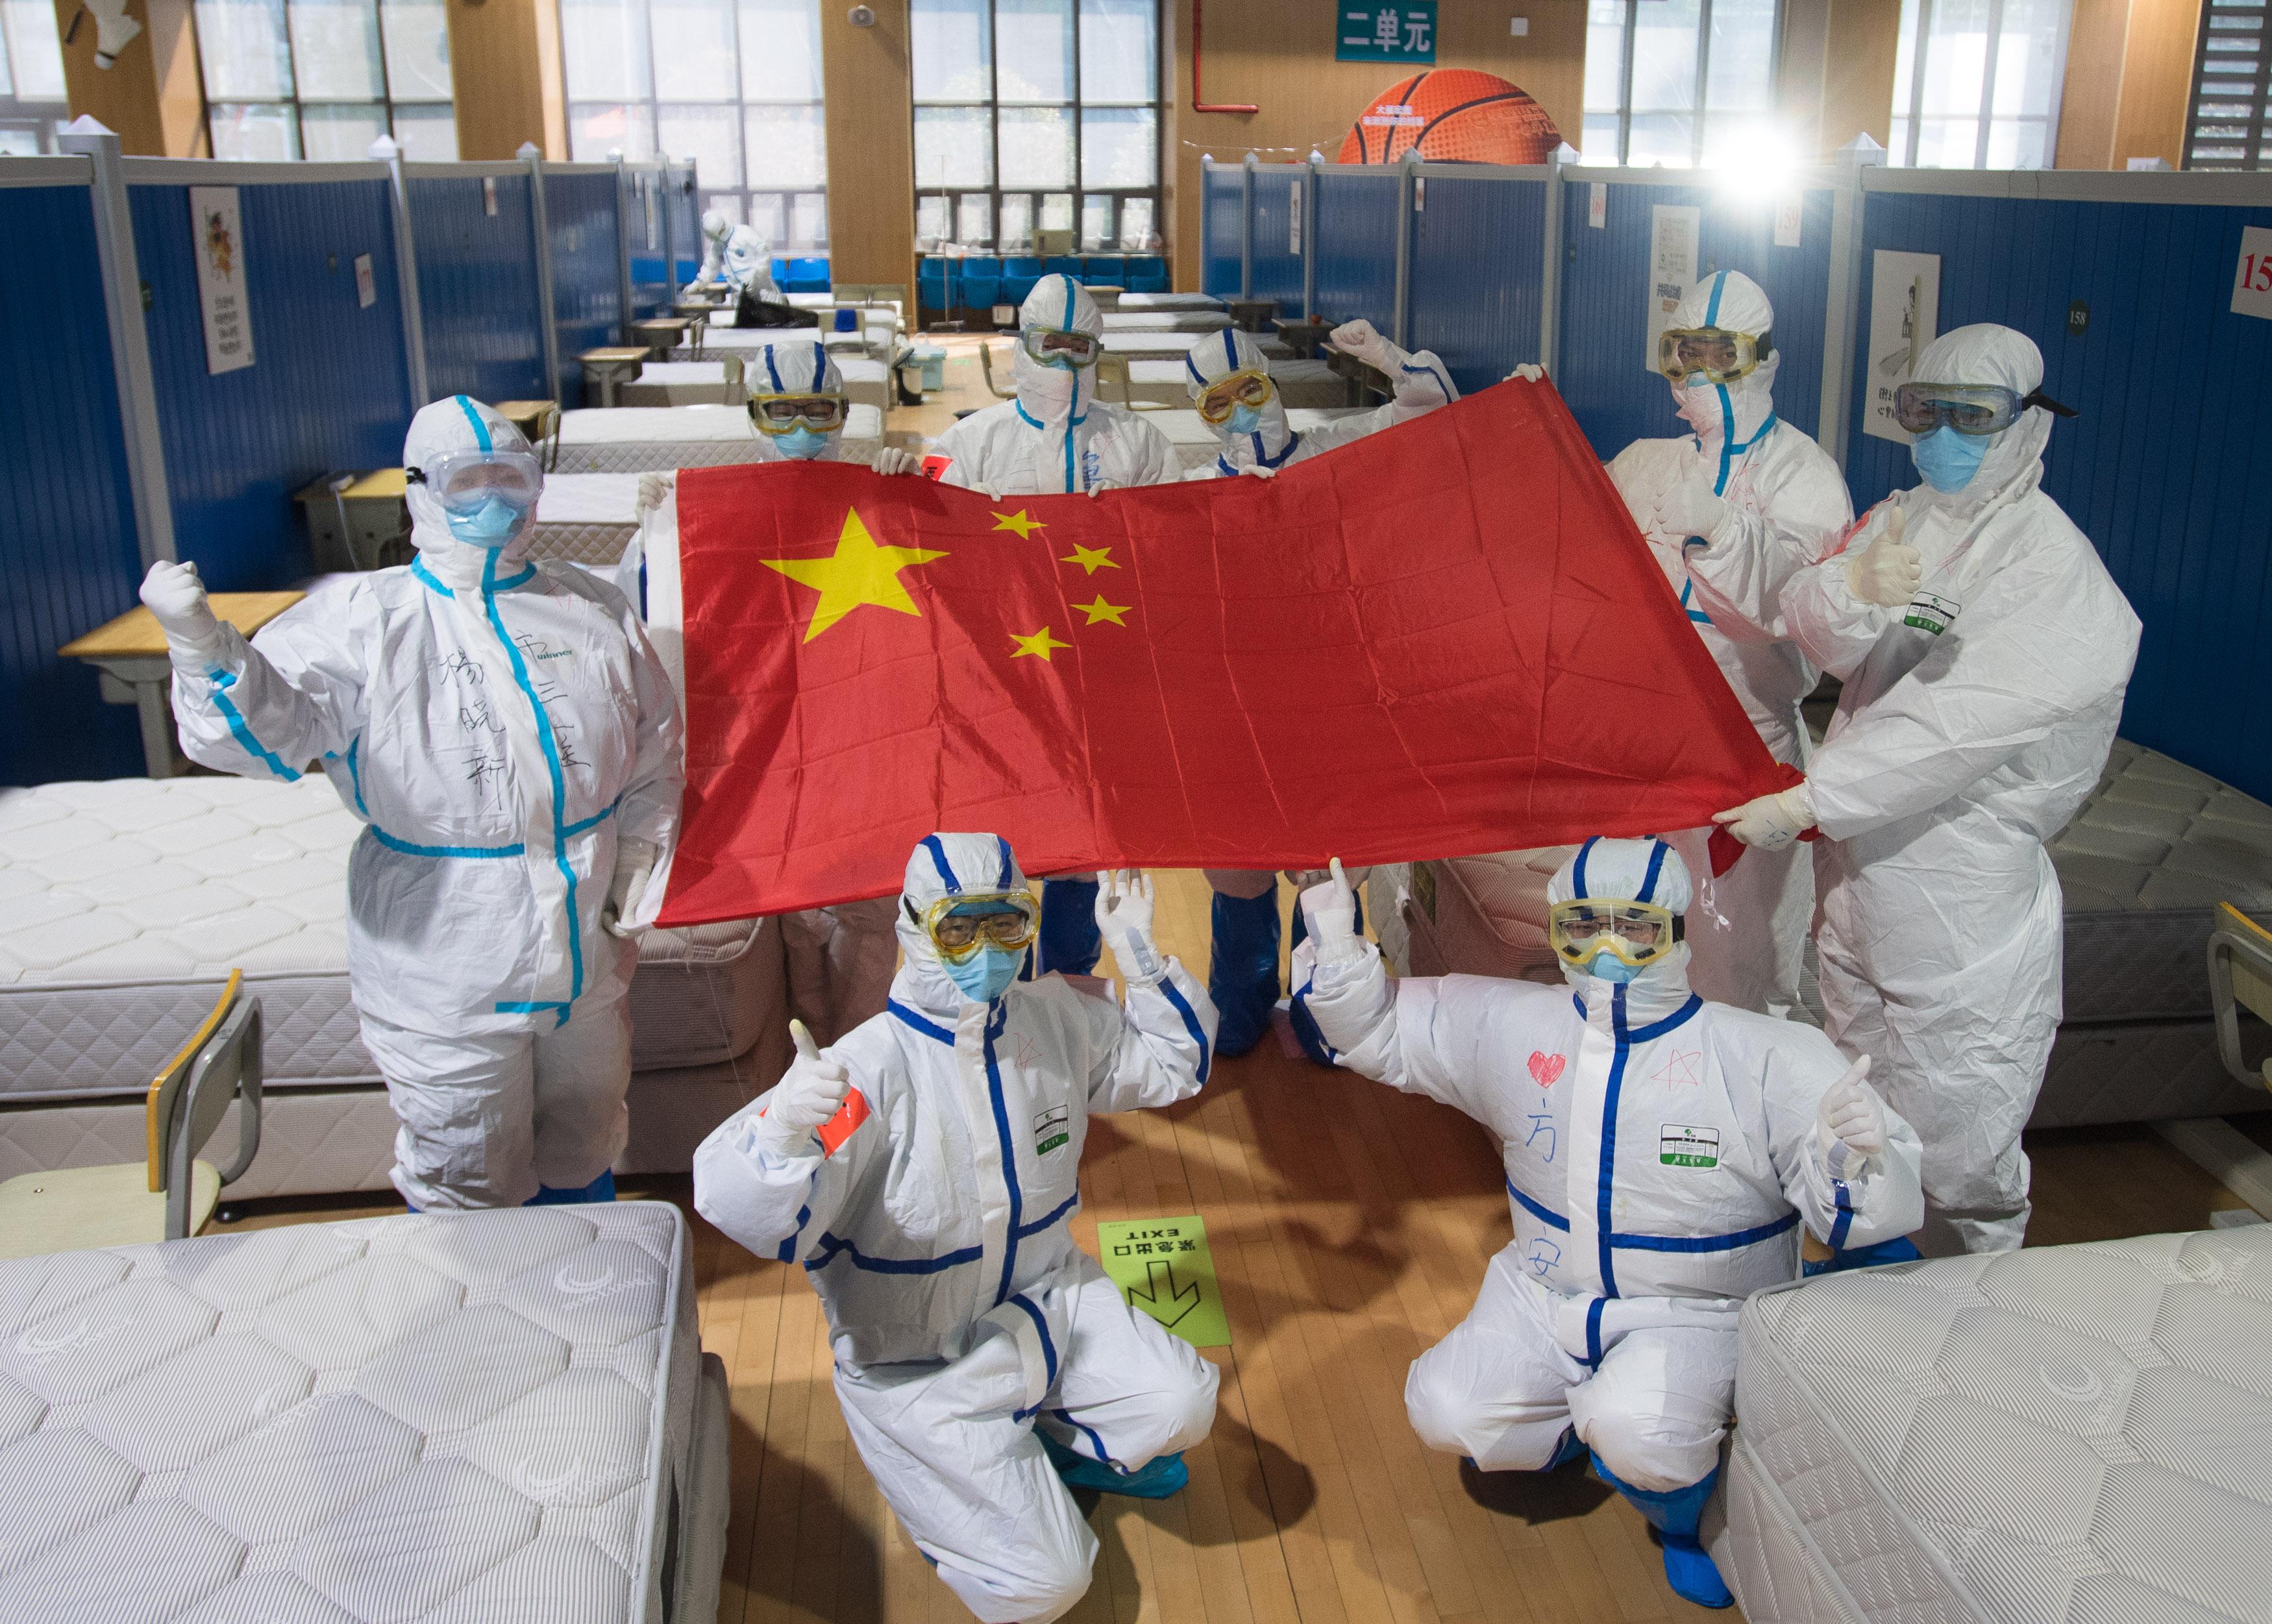 中国の新型肺炎流行、全体としてピーク過ぎた 国家衛生健康委